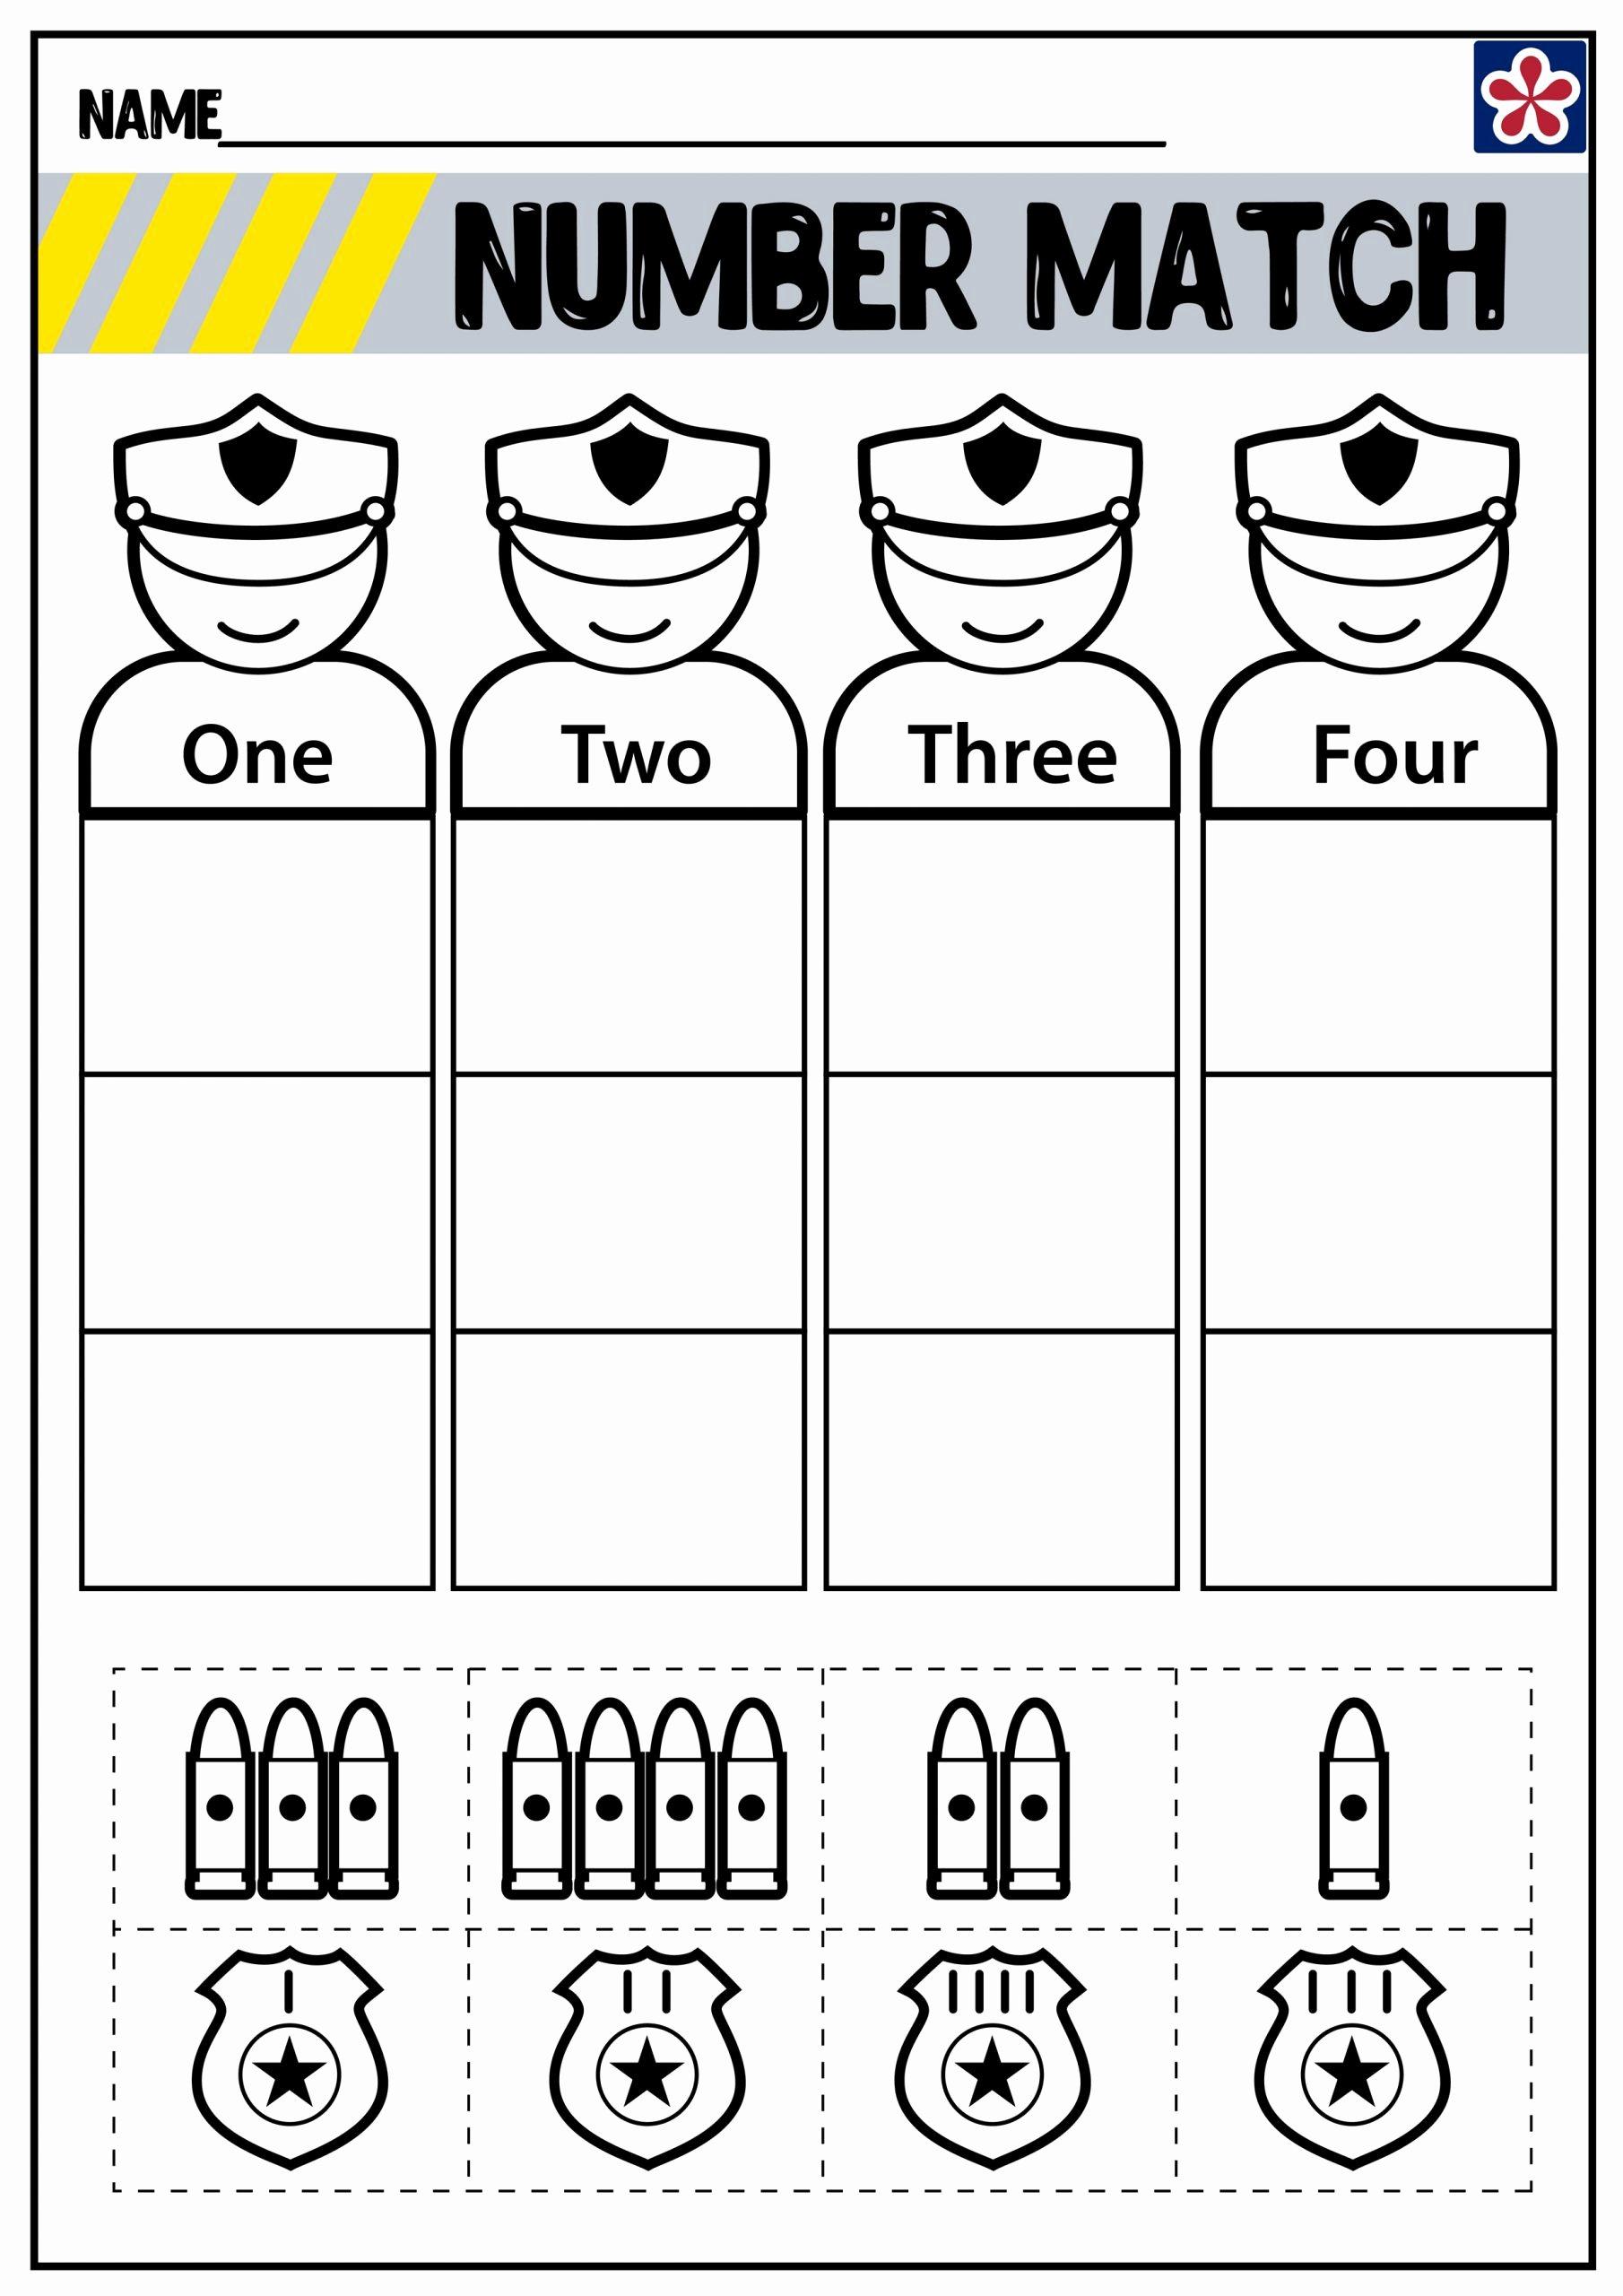 Community Helpers Worksheet for Preschool Free Newsflog Munity Helpers Worksheet for Preschool Police